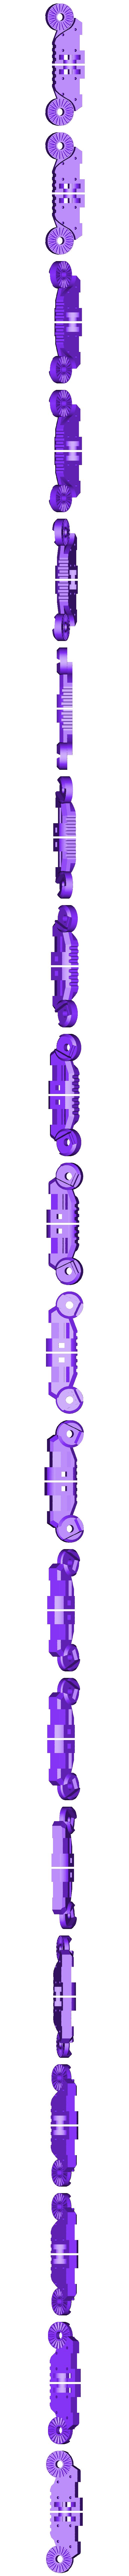 LegT2_Left_03_Black.stl Download STL file Heavy Gun Walker • 3D print design, Jwoong